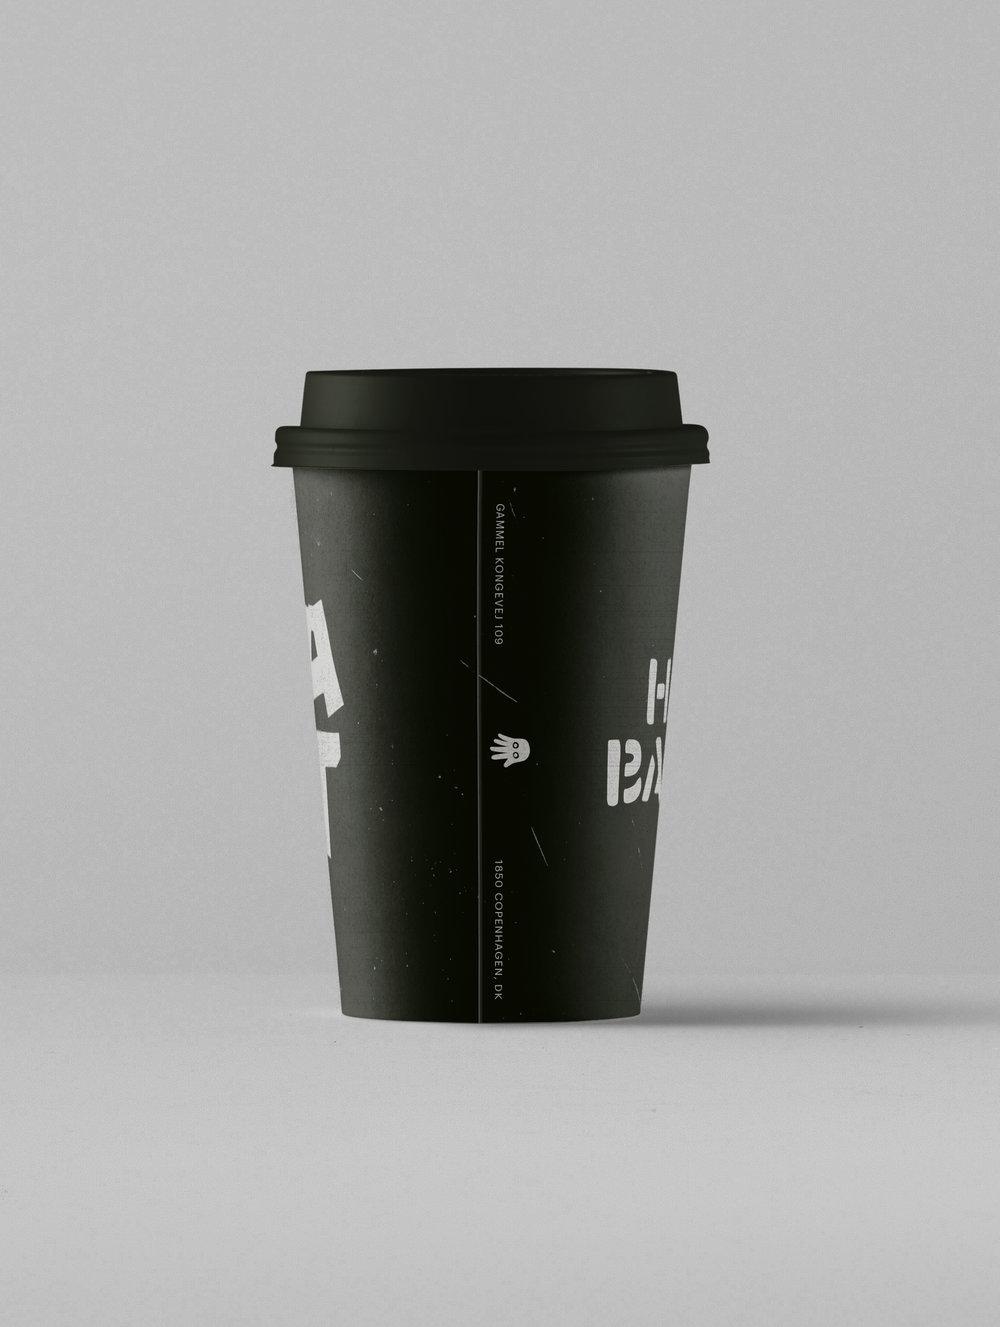 HB_CoffeeCup_White_Logo_04A-56850.jpg